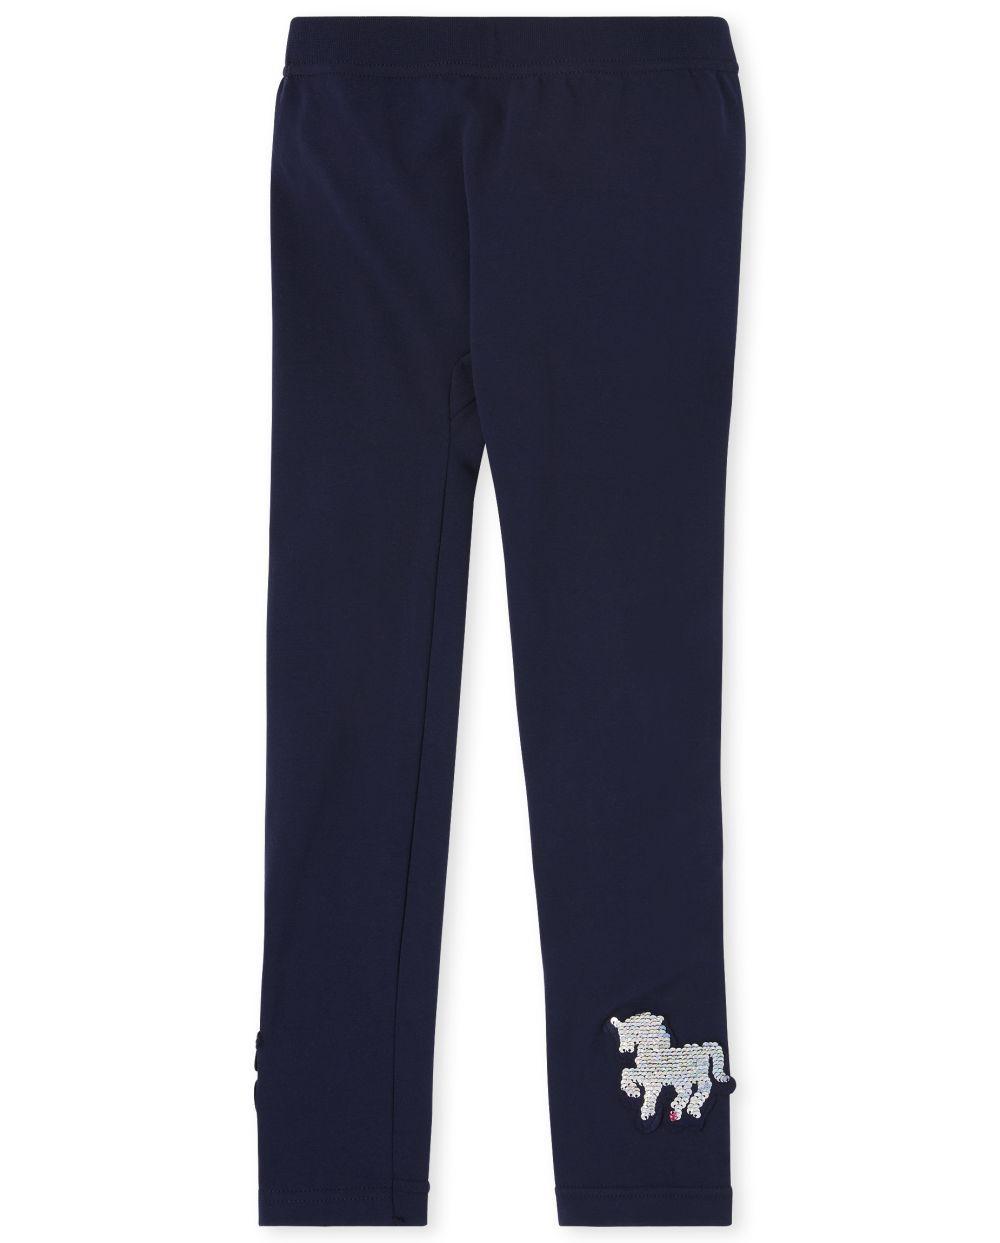 Girls Flip Sequin Unicorn Fleece Lined Leggings - Blue